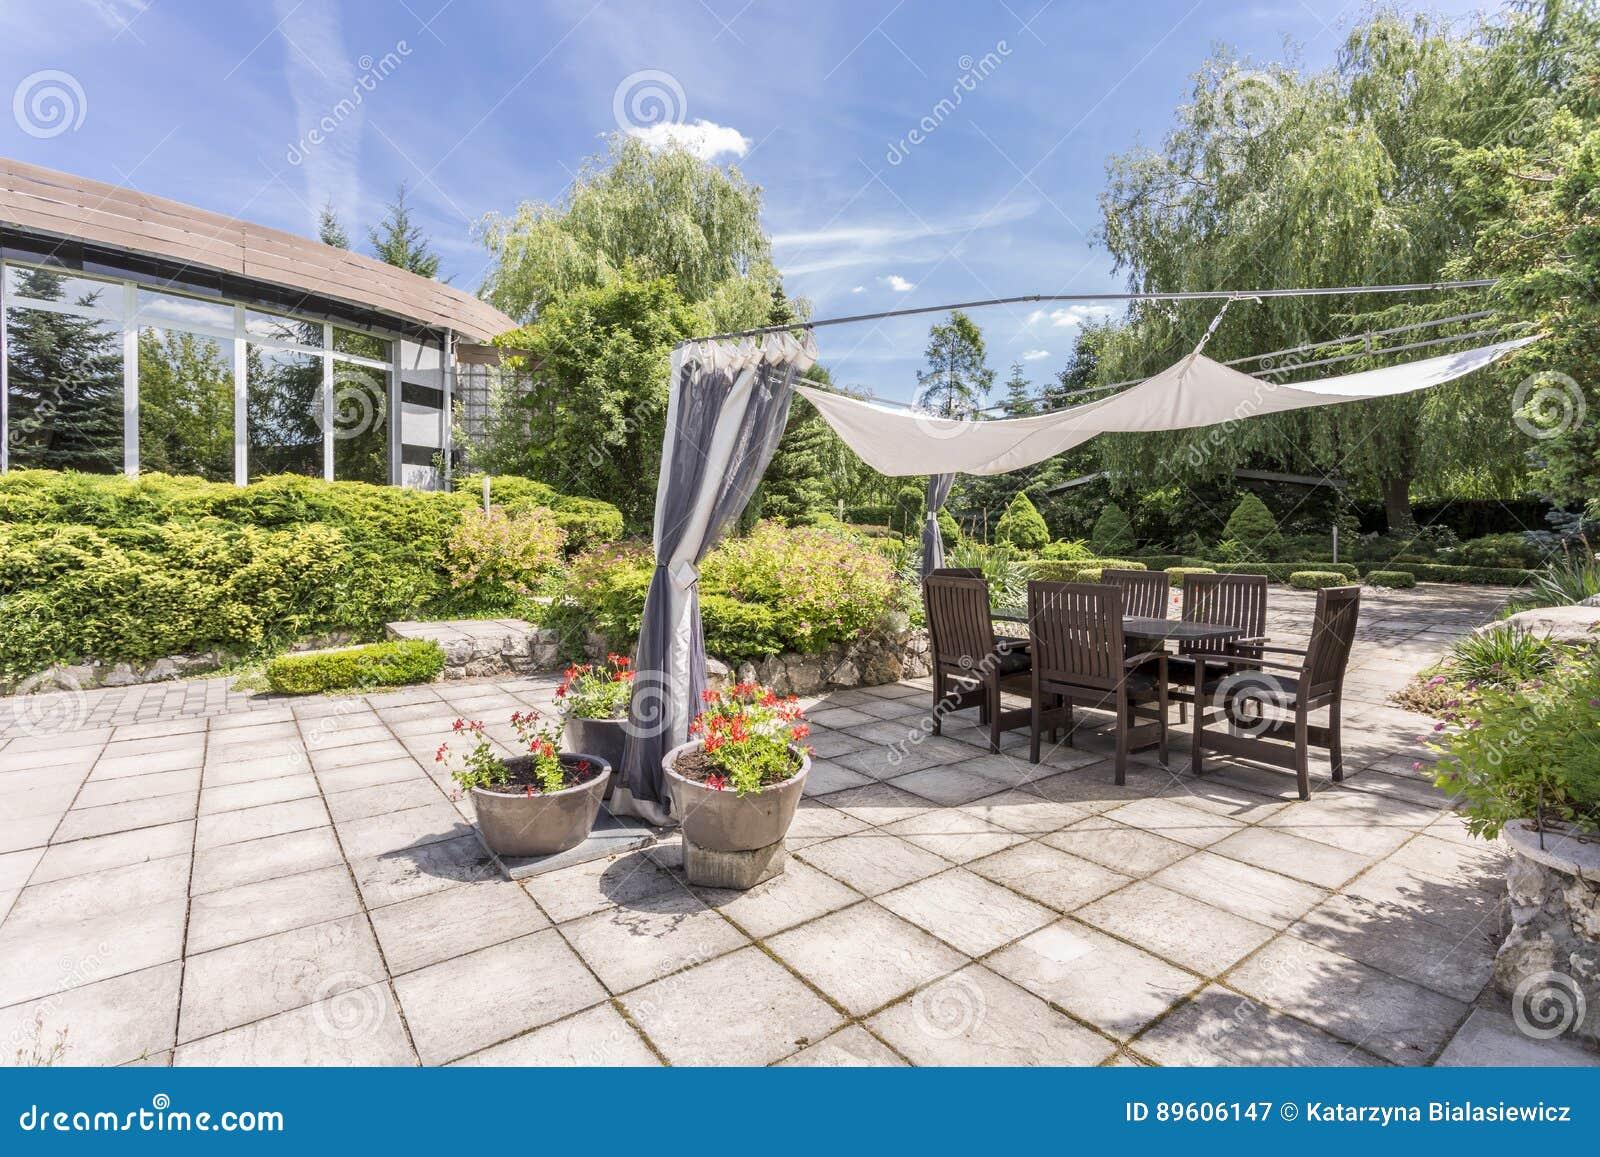 Garten Mit Gepflasterter Terrasse Mit Tabelle Stockbild Bild Von